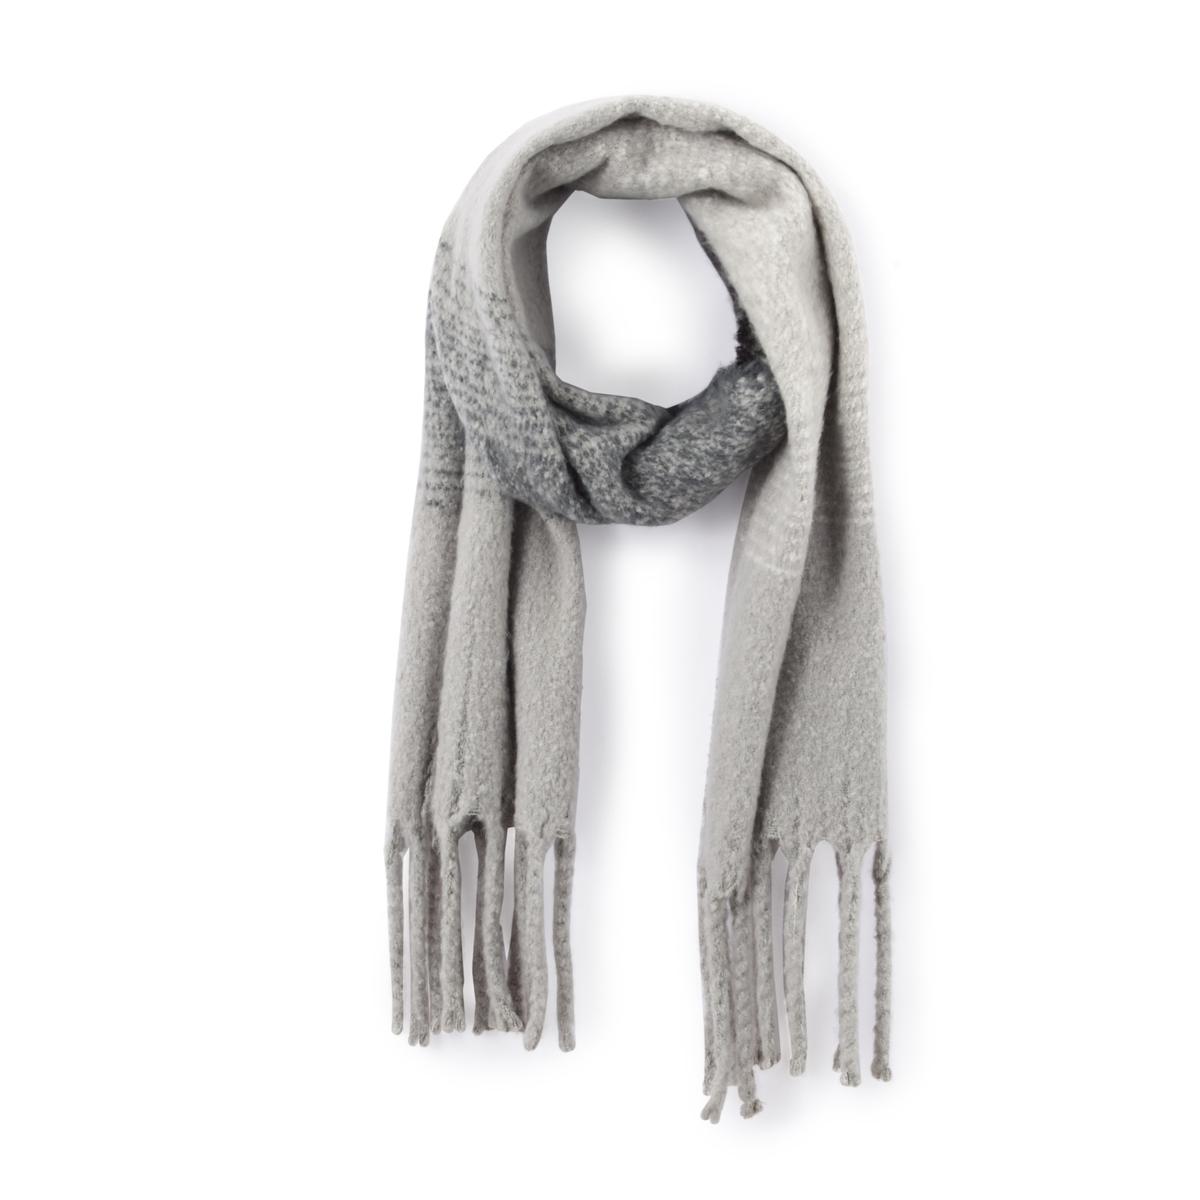 ШарфОписание:Мягкий, тёплый и ультрамодный : шарф снуд - неотъемлемая часть гардероба этой зимой. Детали  •  Размеры : 42x200см Состав и уход  •  70% акрила 30% полиэстера •  Следуйте рекомендациям по уходу, указанным на этикетке изделия<br><br>Цвет: серый<br>Размер: единый размер